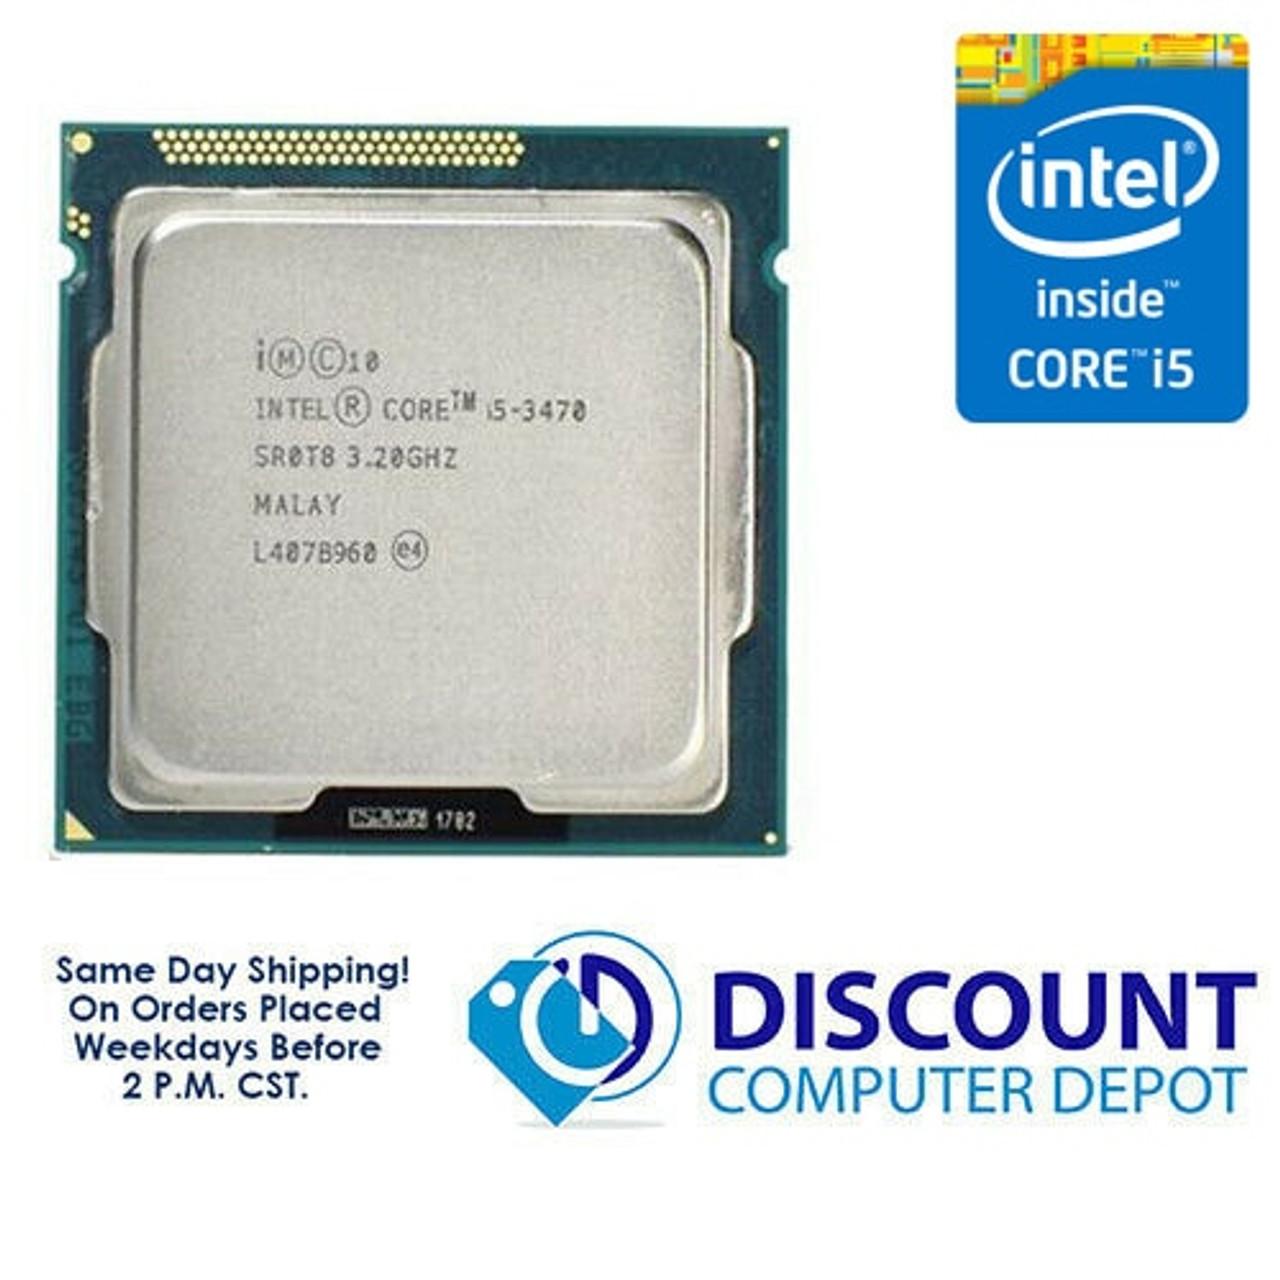 Intel Core i5-3470 3.20GHz Quad-Core CPU Computer Processor LGA1155 Socket SR0T8